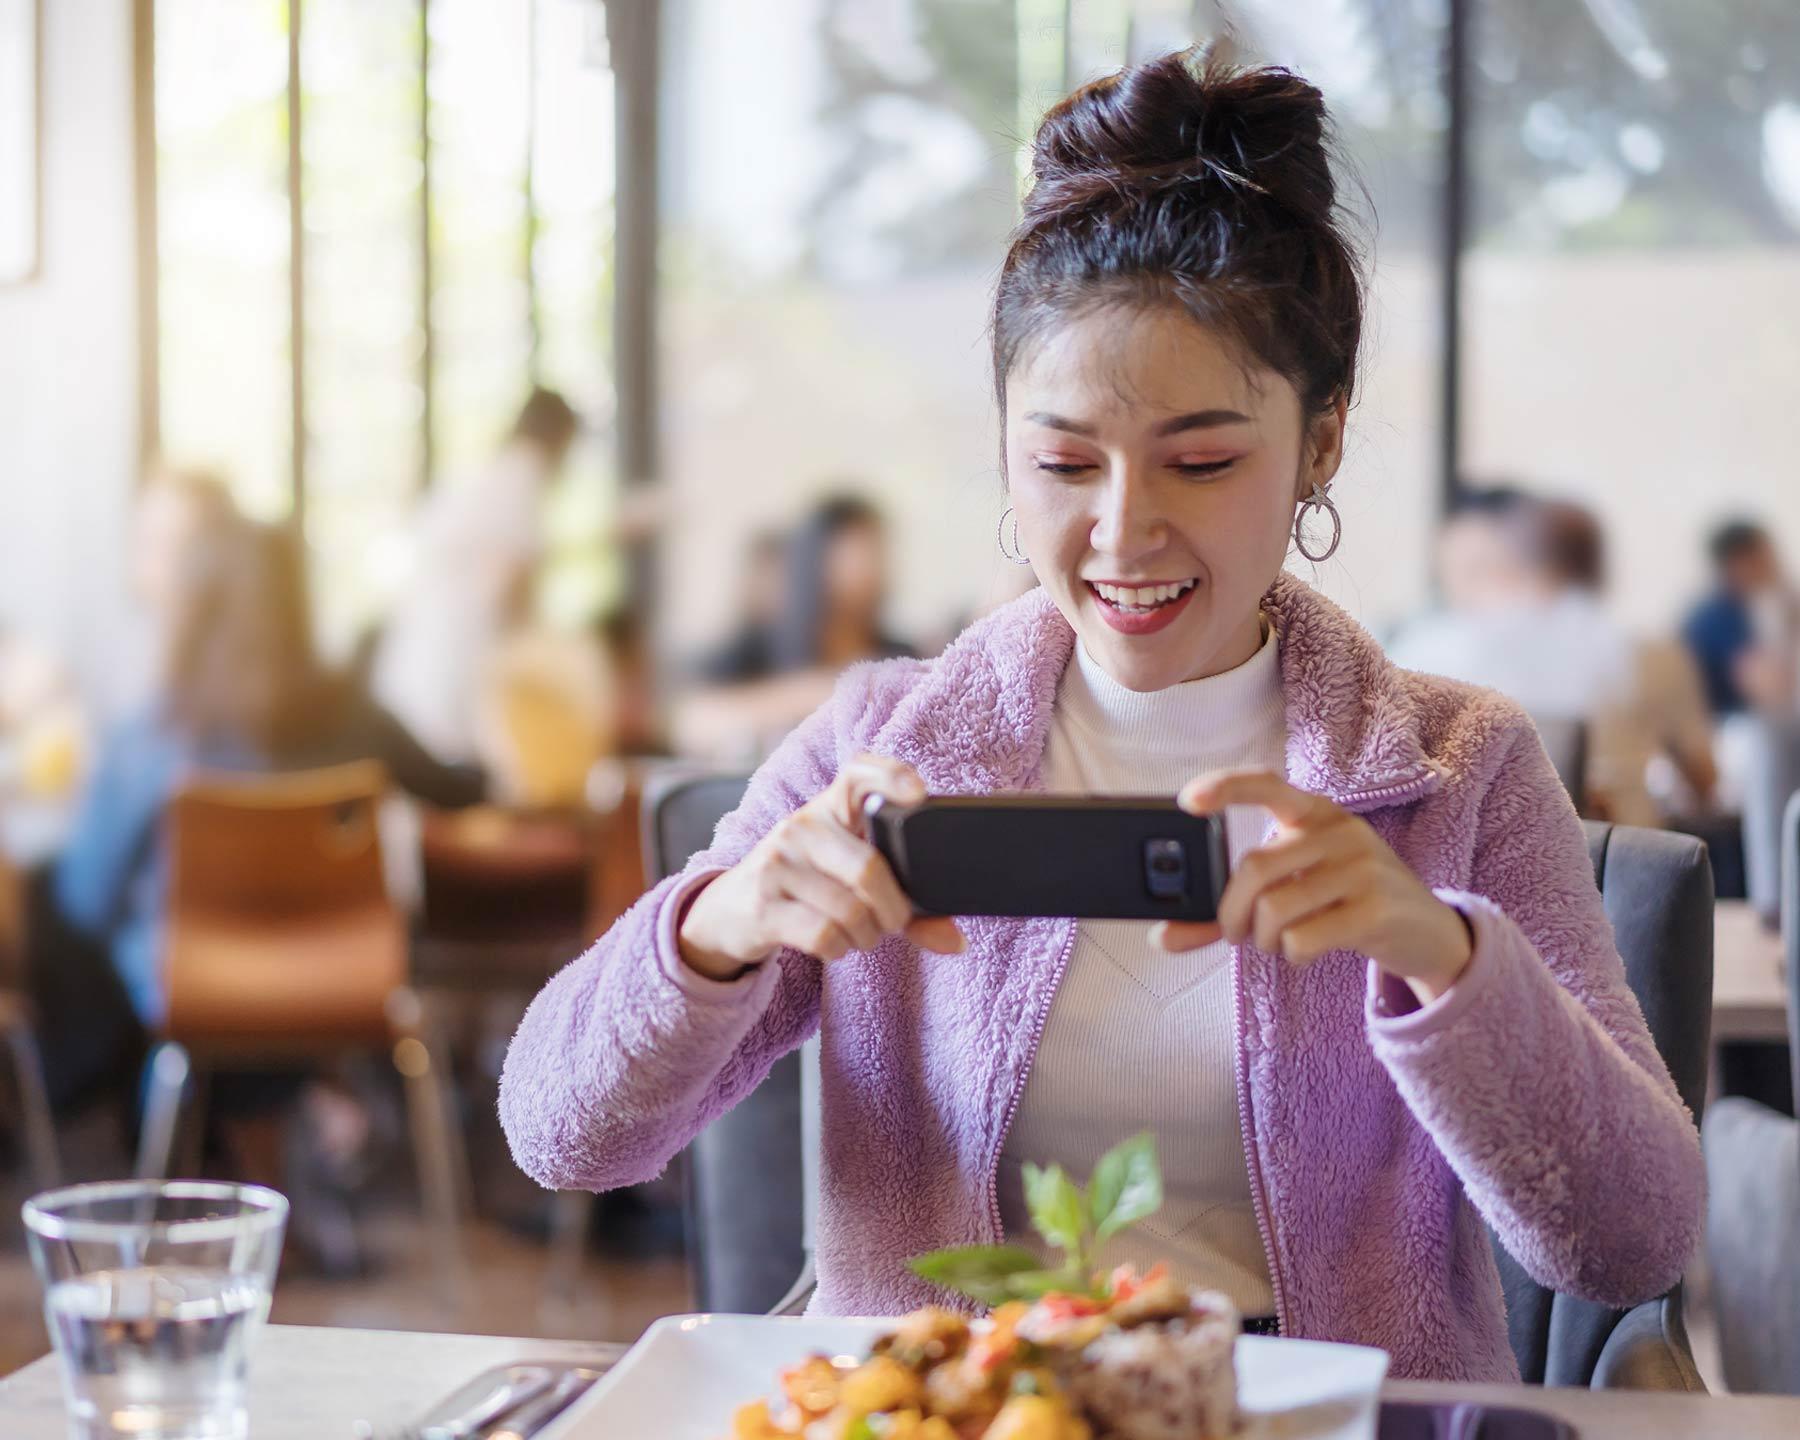 Influencerin macht Werbung für ein Restaurant.